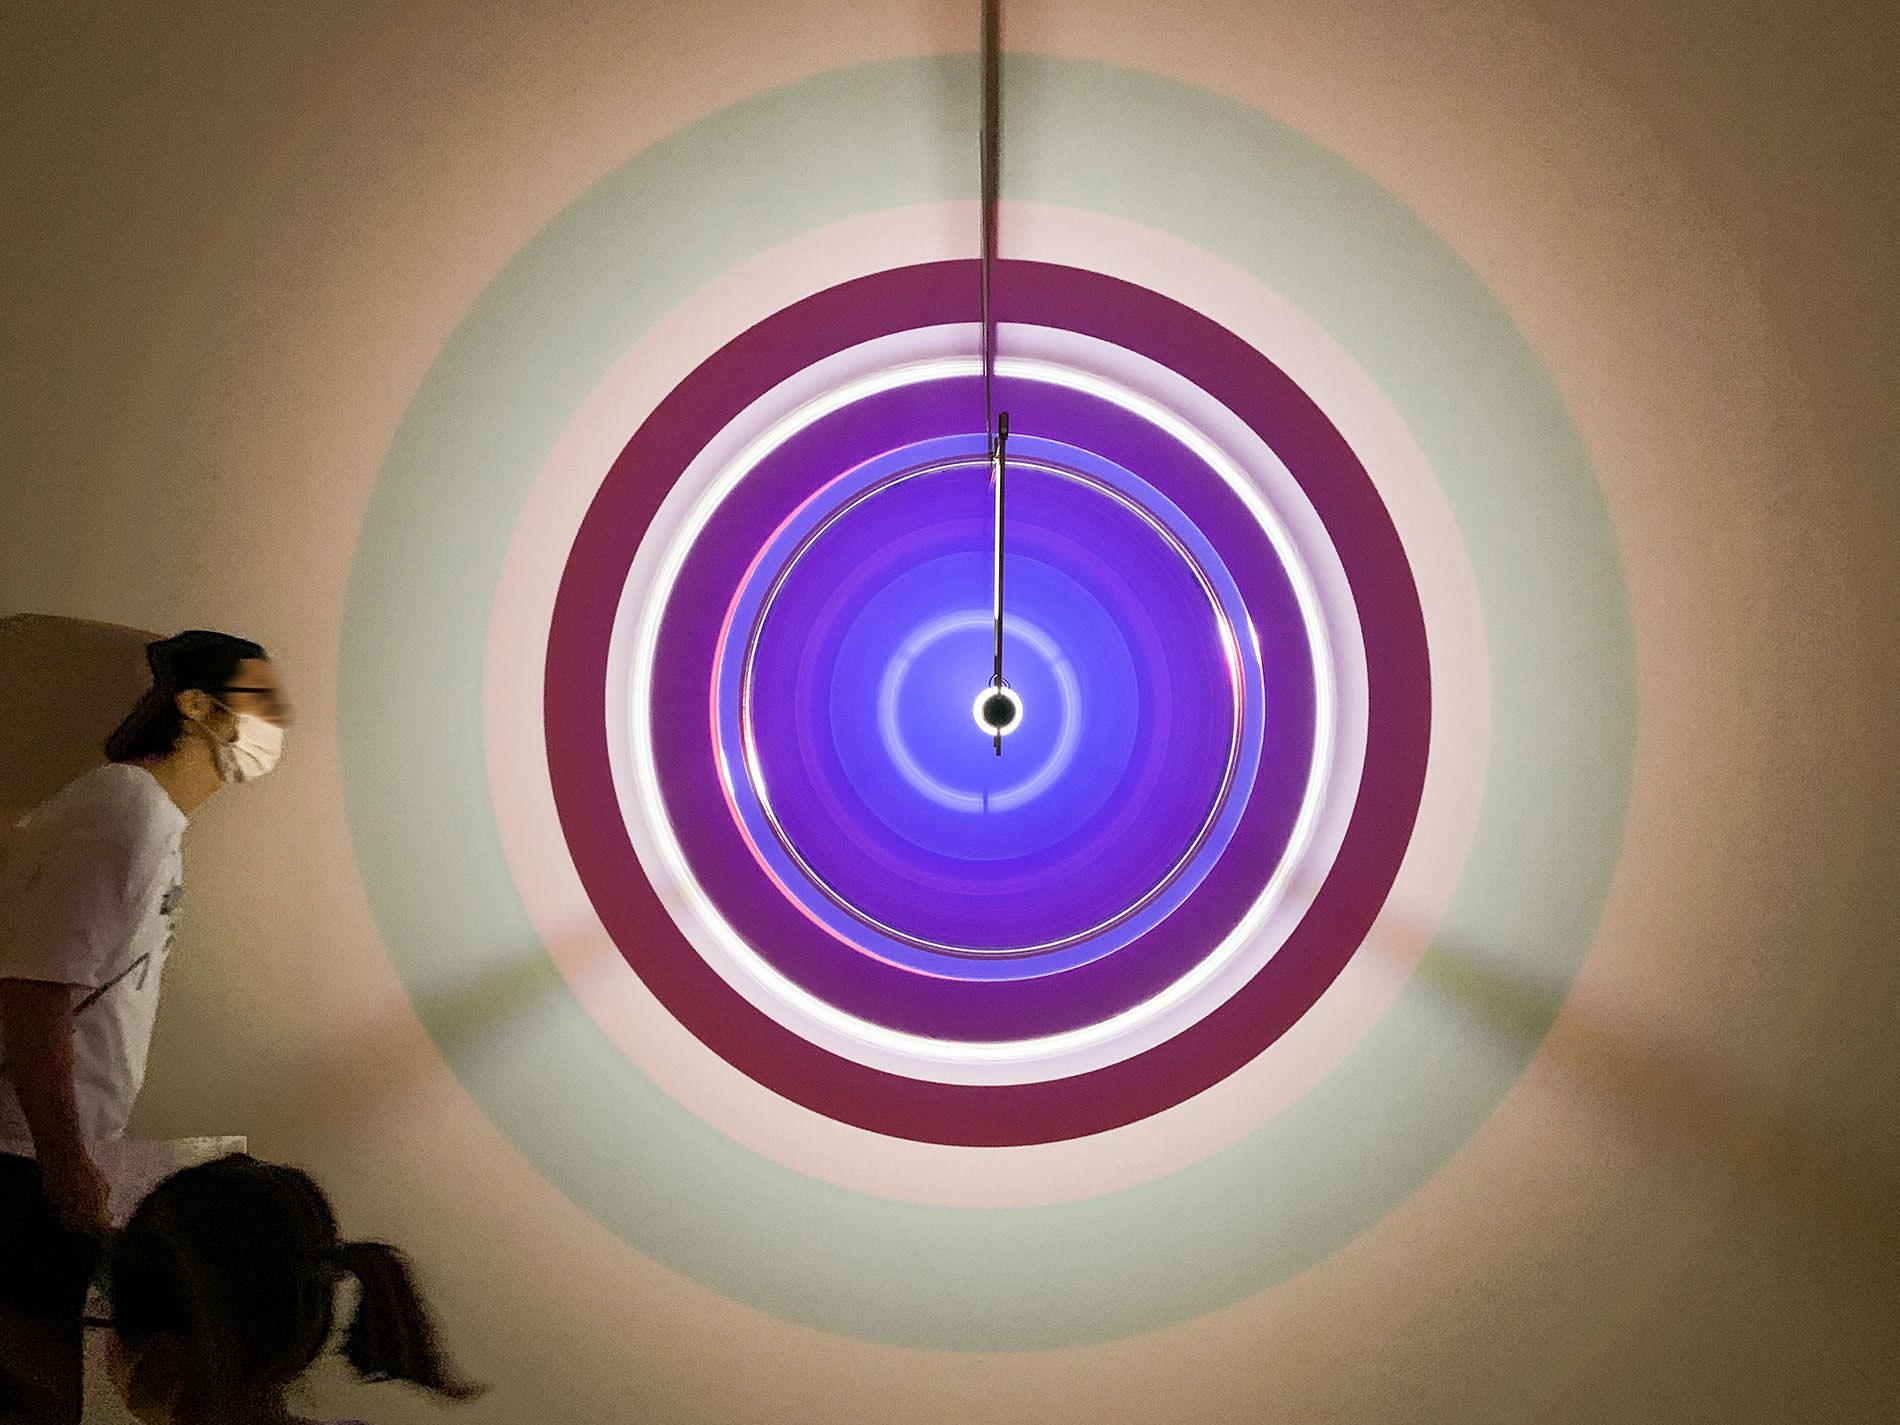 オラファー・エリアソン 「ときに川は橋となる」展 | 人間を超えたレゾネーター | 東京都現代美術館 / Olafur Eliasson | Beyond-human resonator | MUSEUM OF CONTEMPORARY ART TOKYO 2020